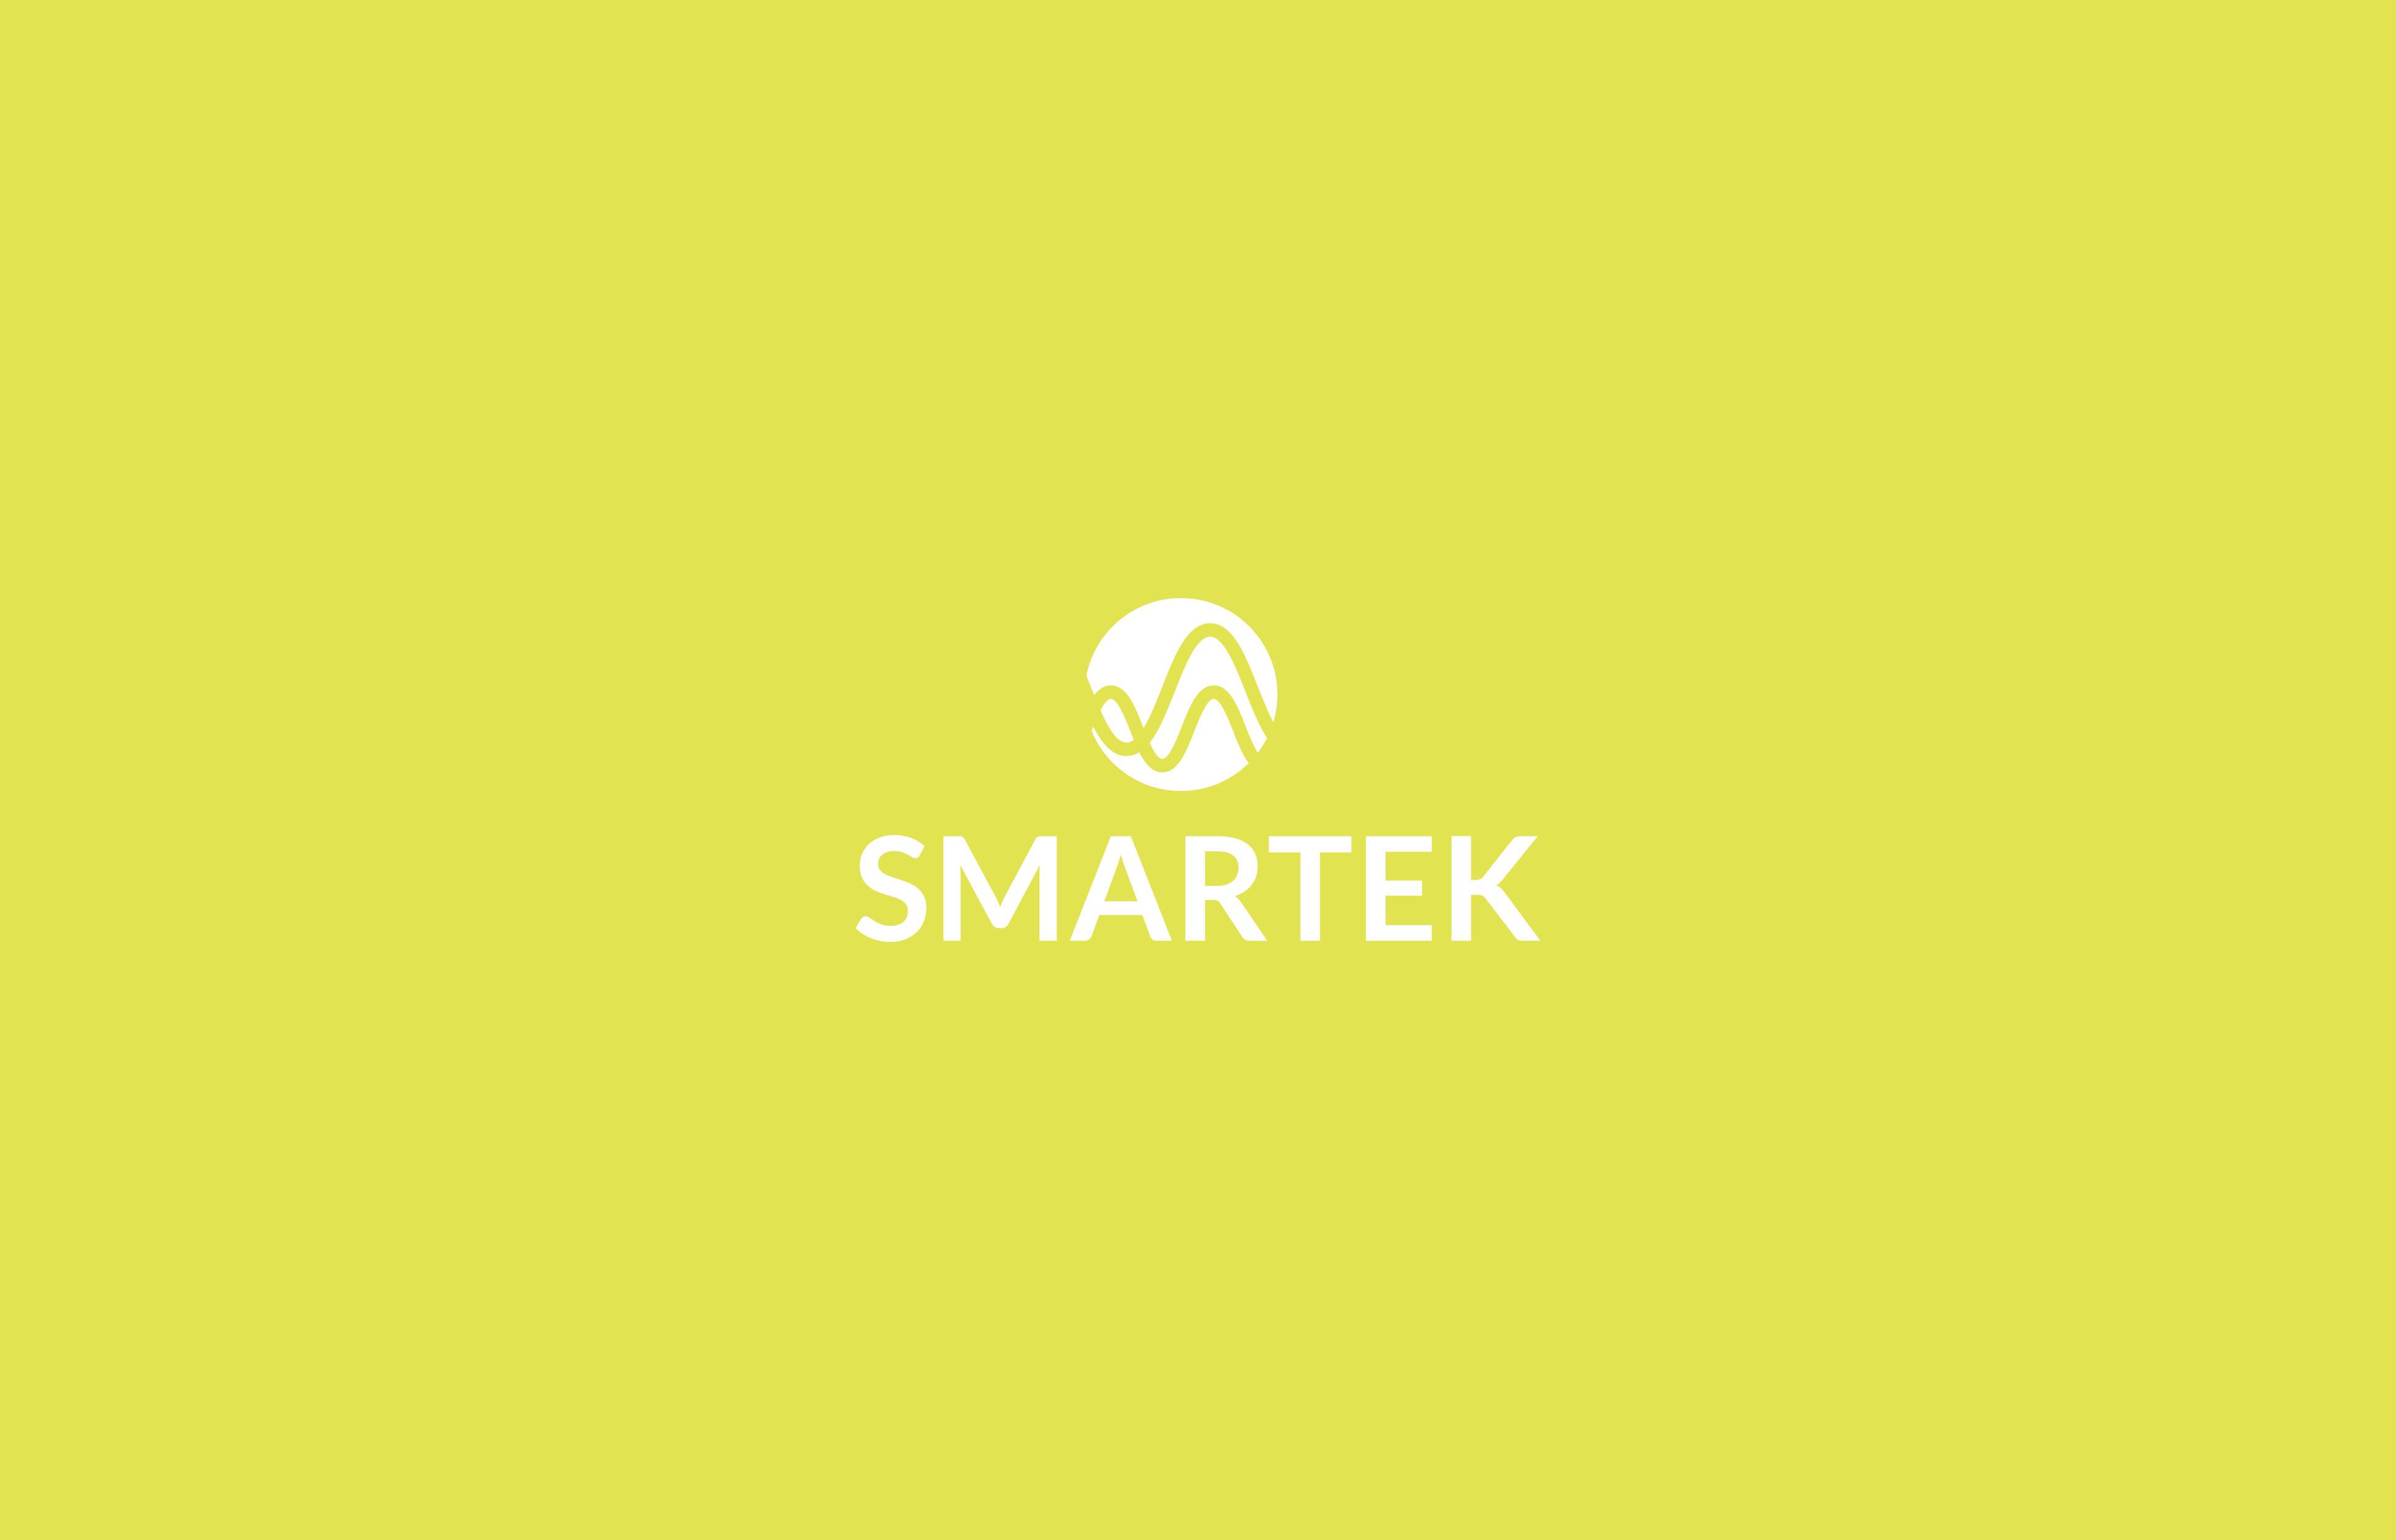 SMARTEK NUOVO-05